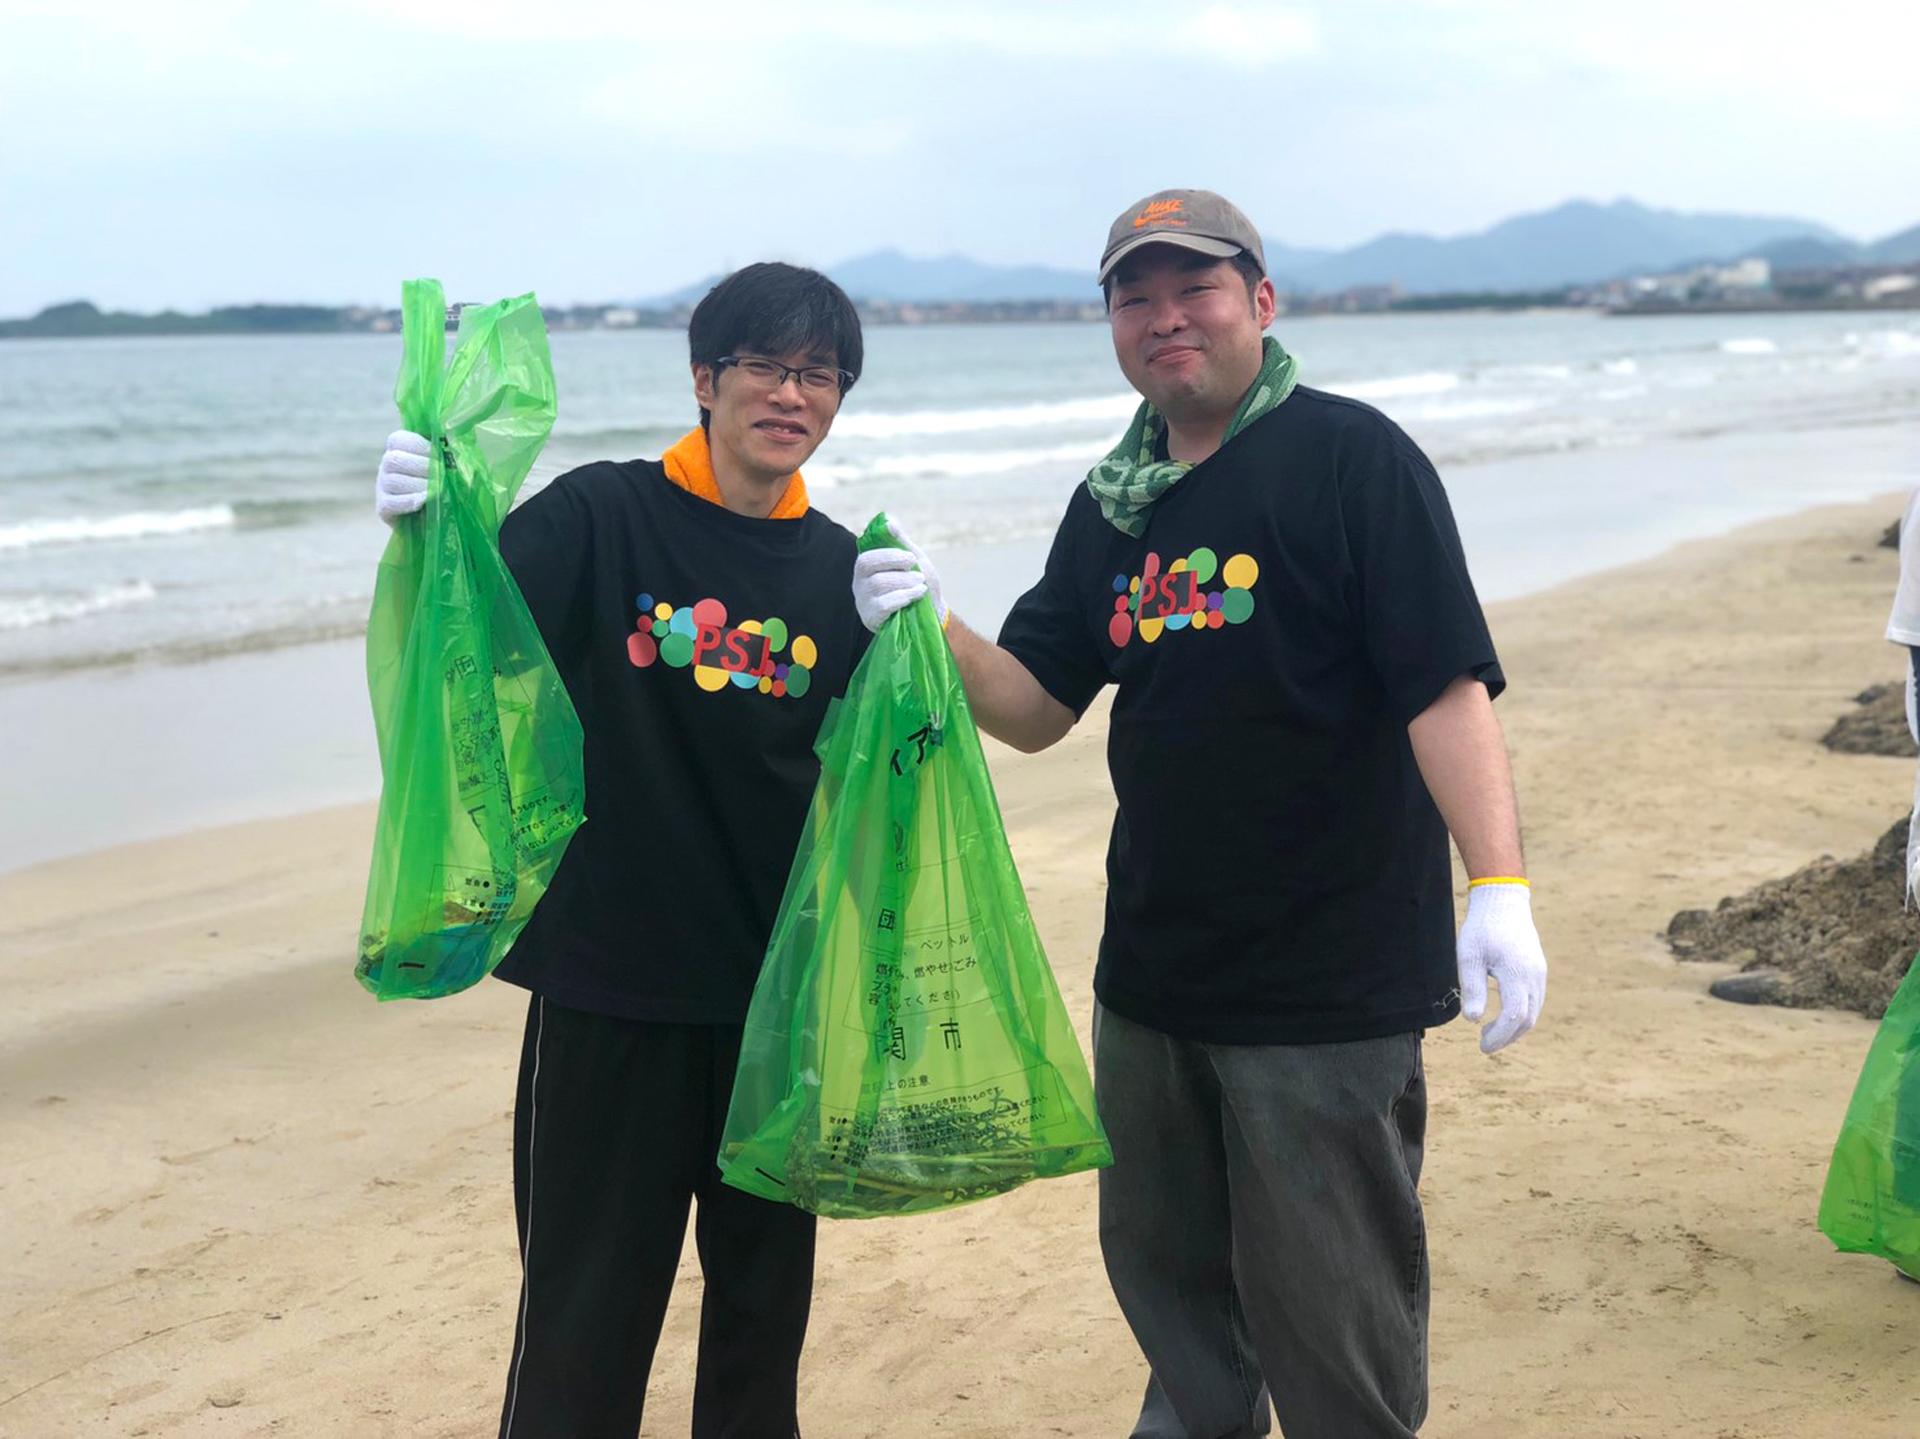 日韓海峡海岸 漂着ごみ一斉清掃